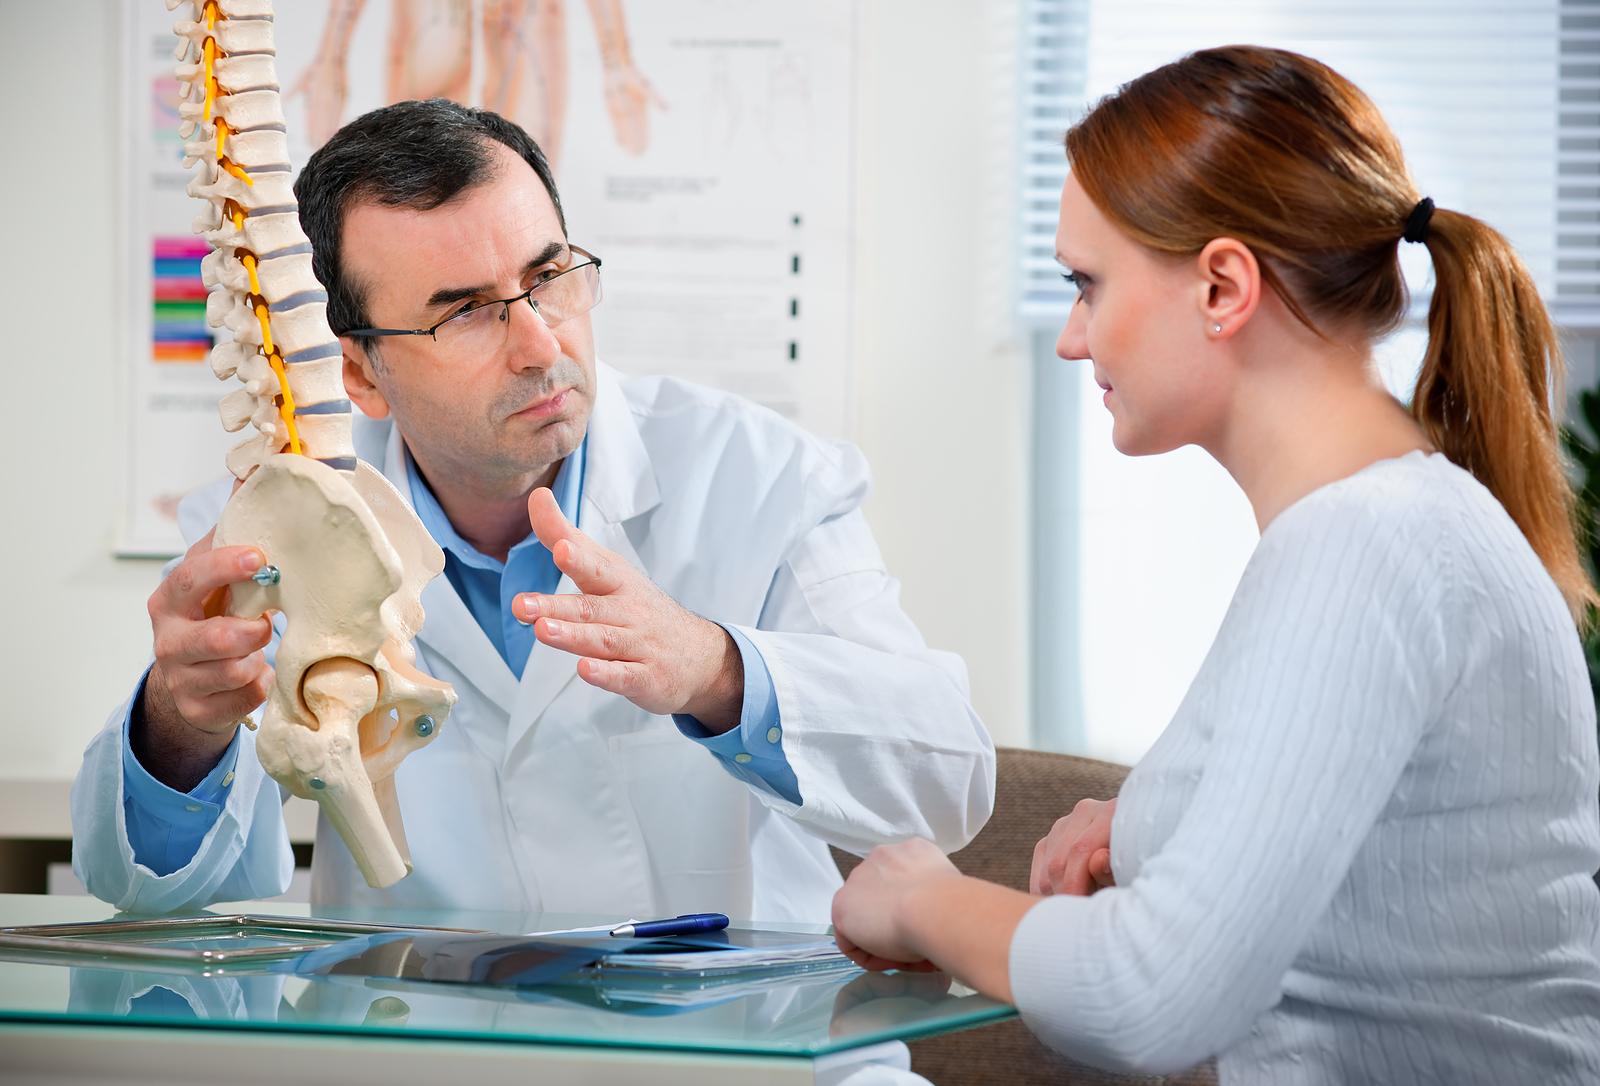 Рентген поясничного отдела позвоночника: подготовка, проведение процедуры и возможные результаты